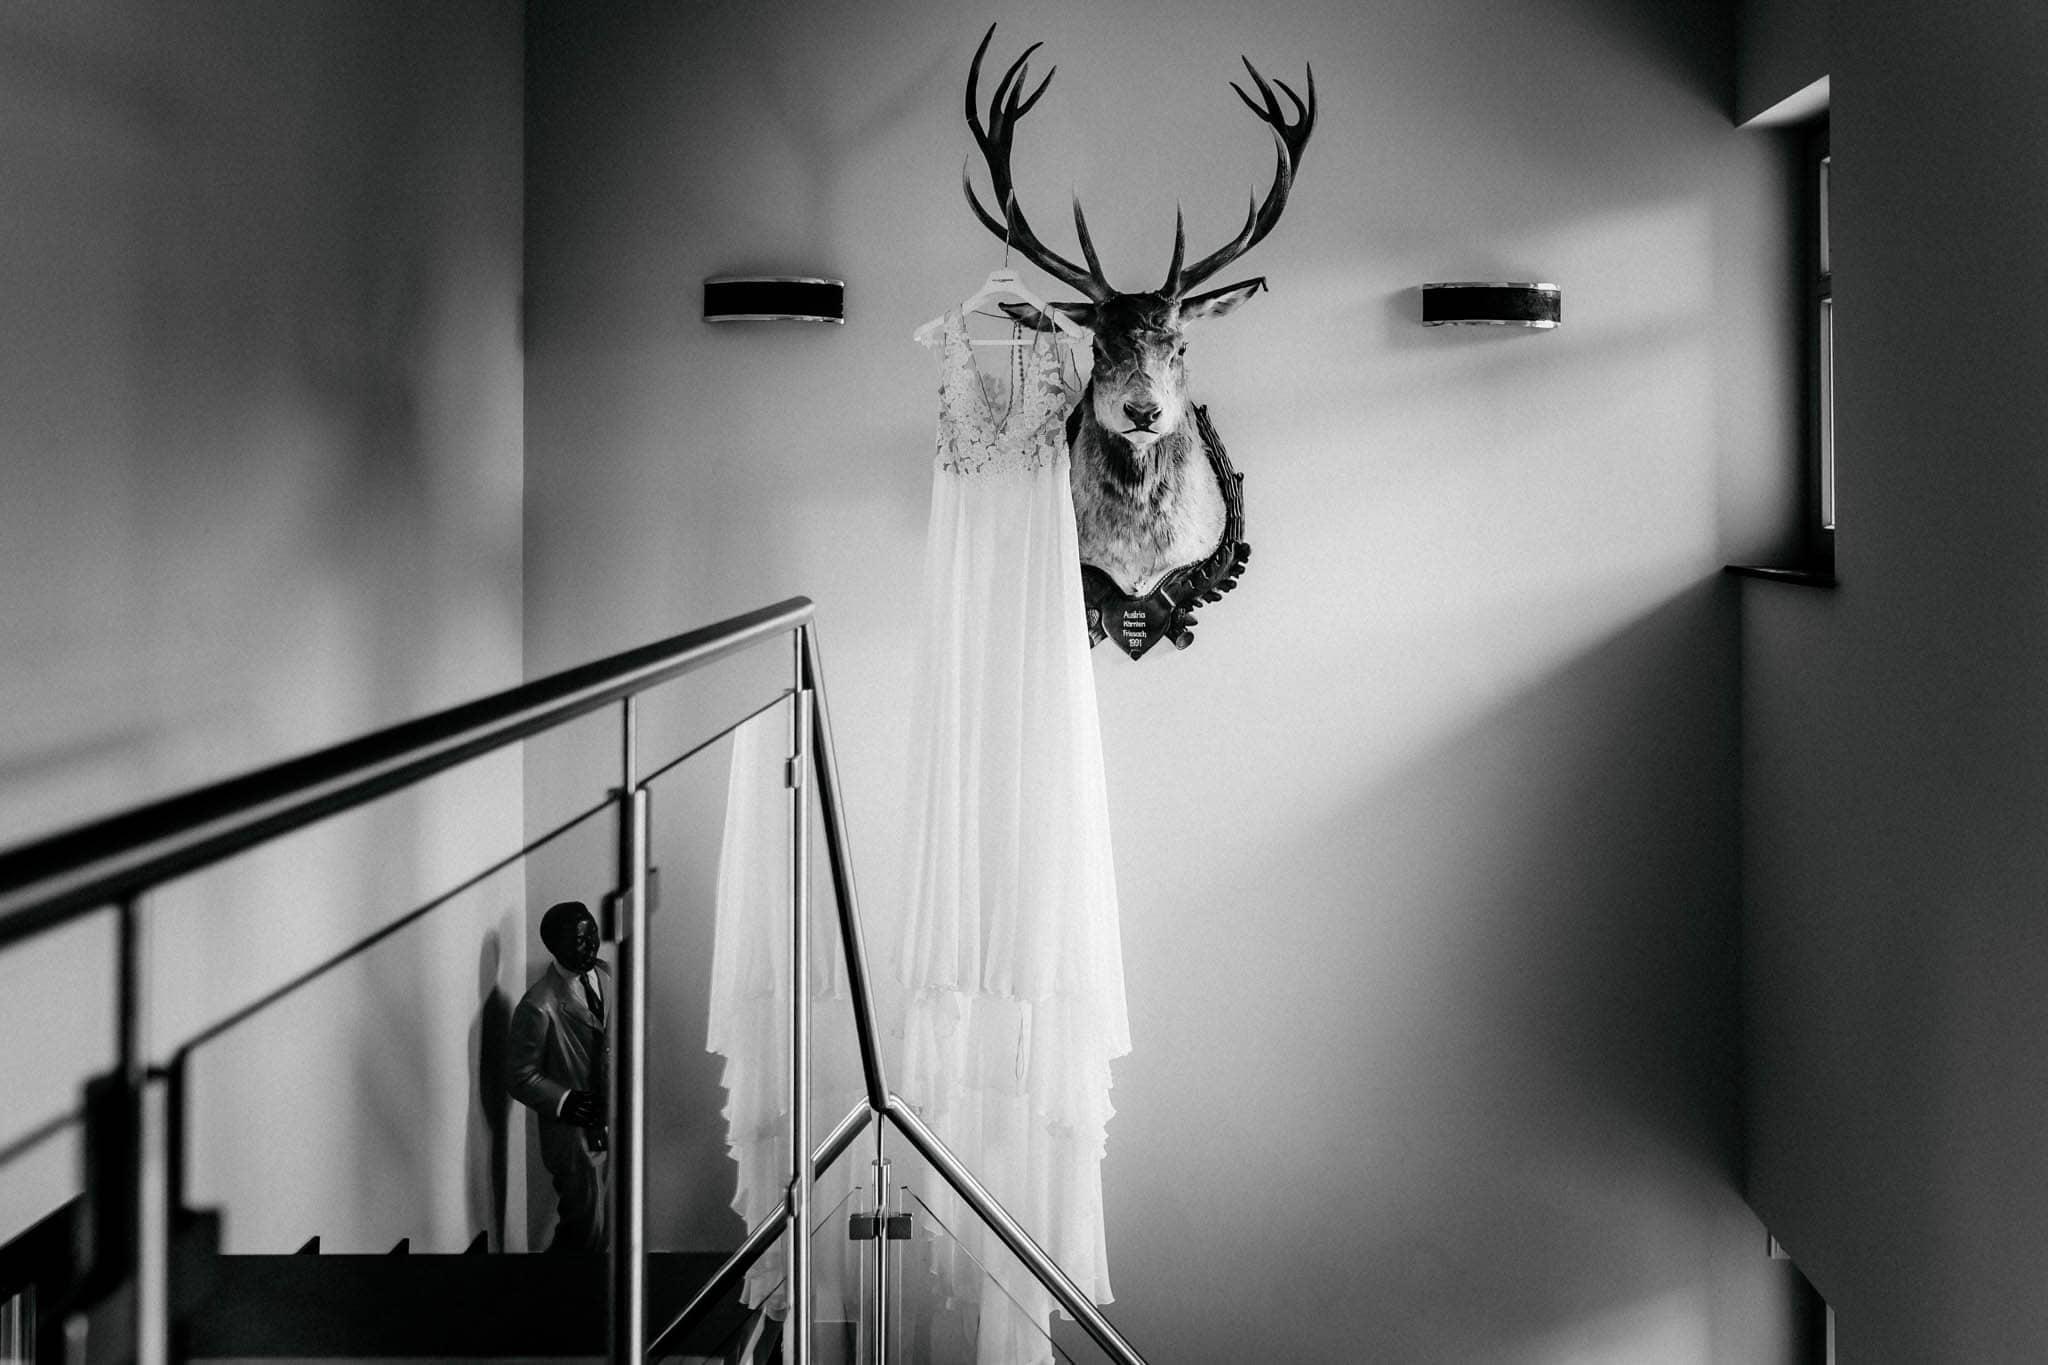 Hochzeitsfieber by Photo-Schomburg, Hochzeitsfotograf, Hamburg, Bremen, Hochzeitstag, Hochzeitspaar, Braut, Bräutigam, Bremen-Kränholm,Knoops Park-29